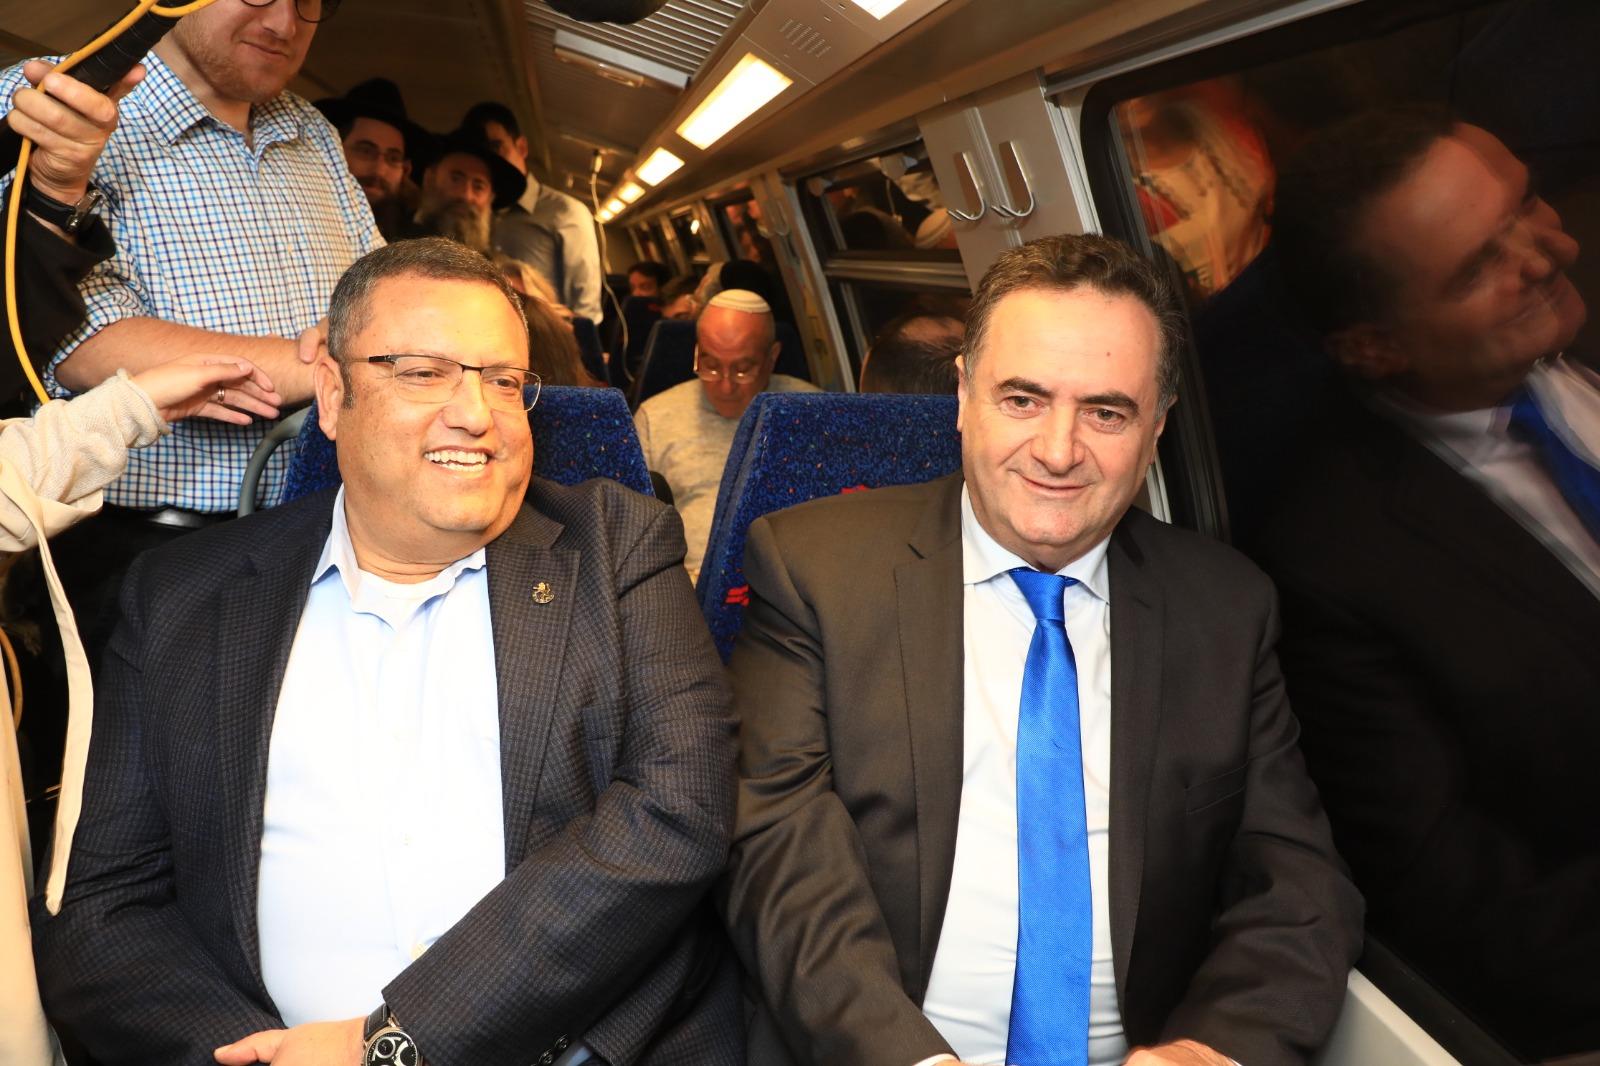 שר התחבורה וראש עיריית ירושלים בנסיעה ברכבת